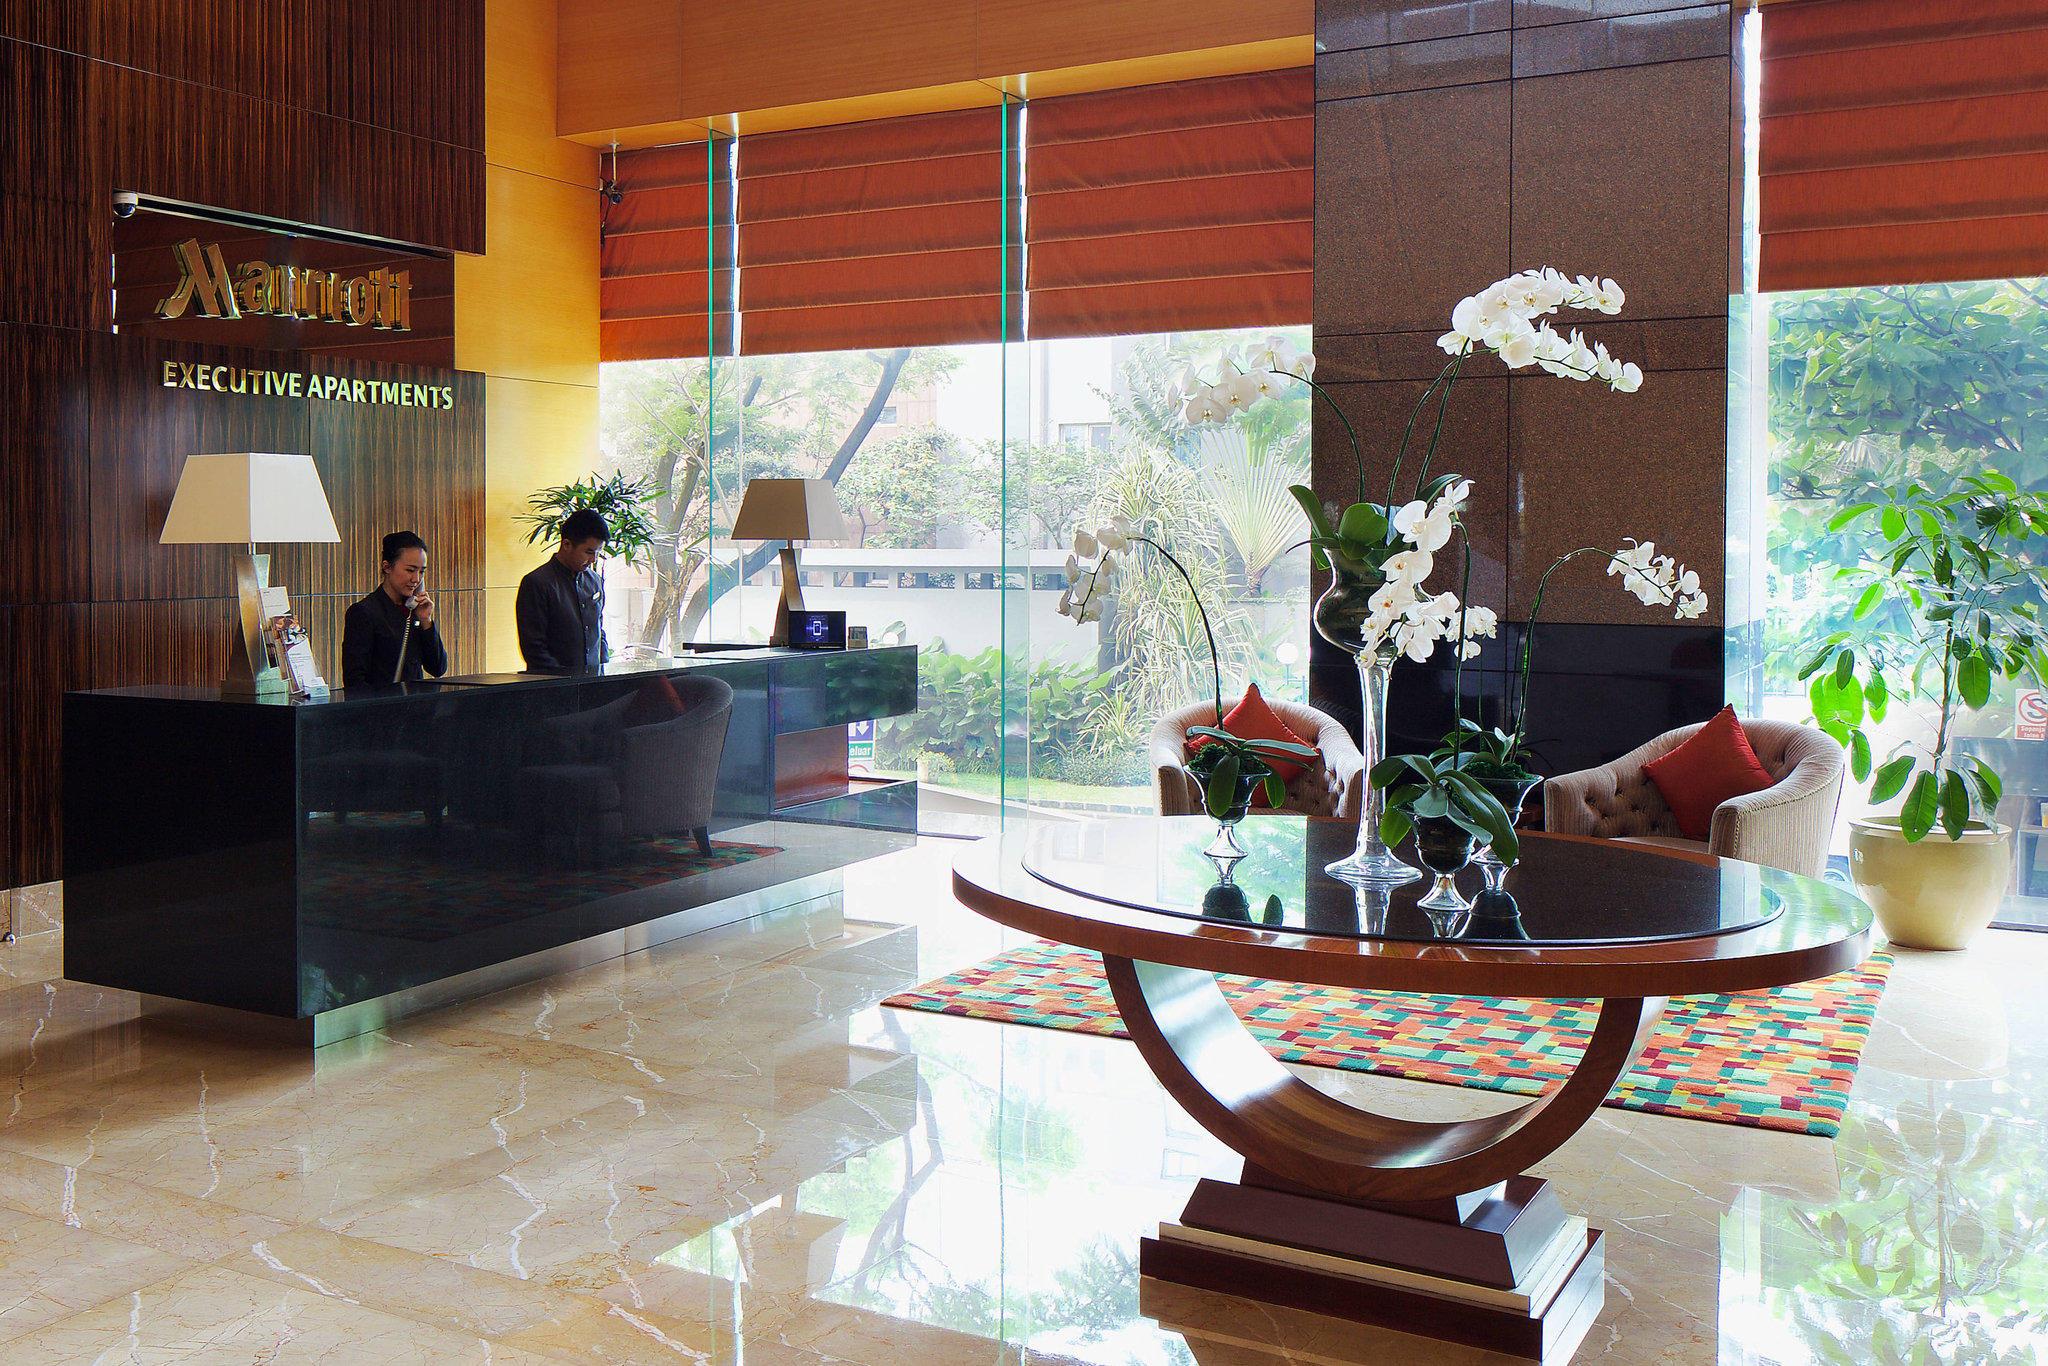 The Mayflower, Jakarta - Marriott Executive Apartments